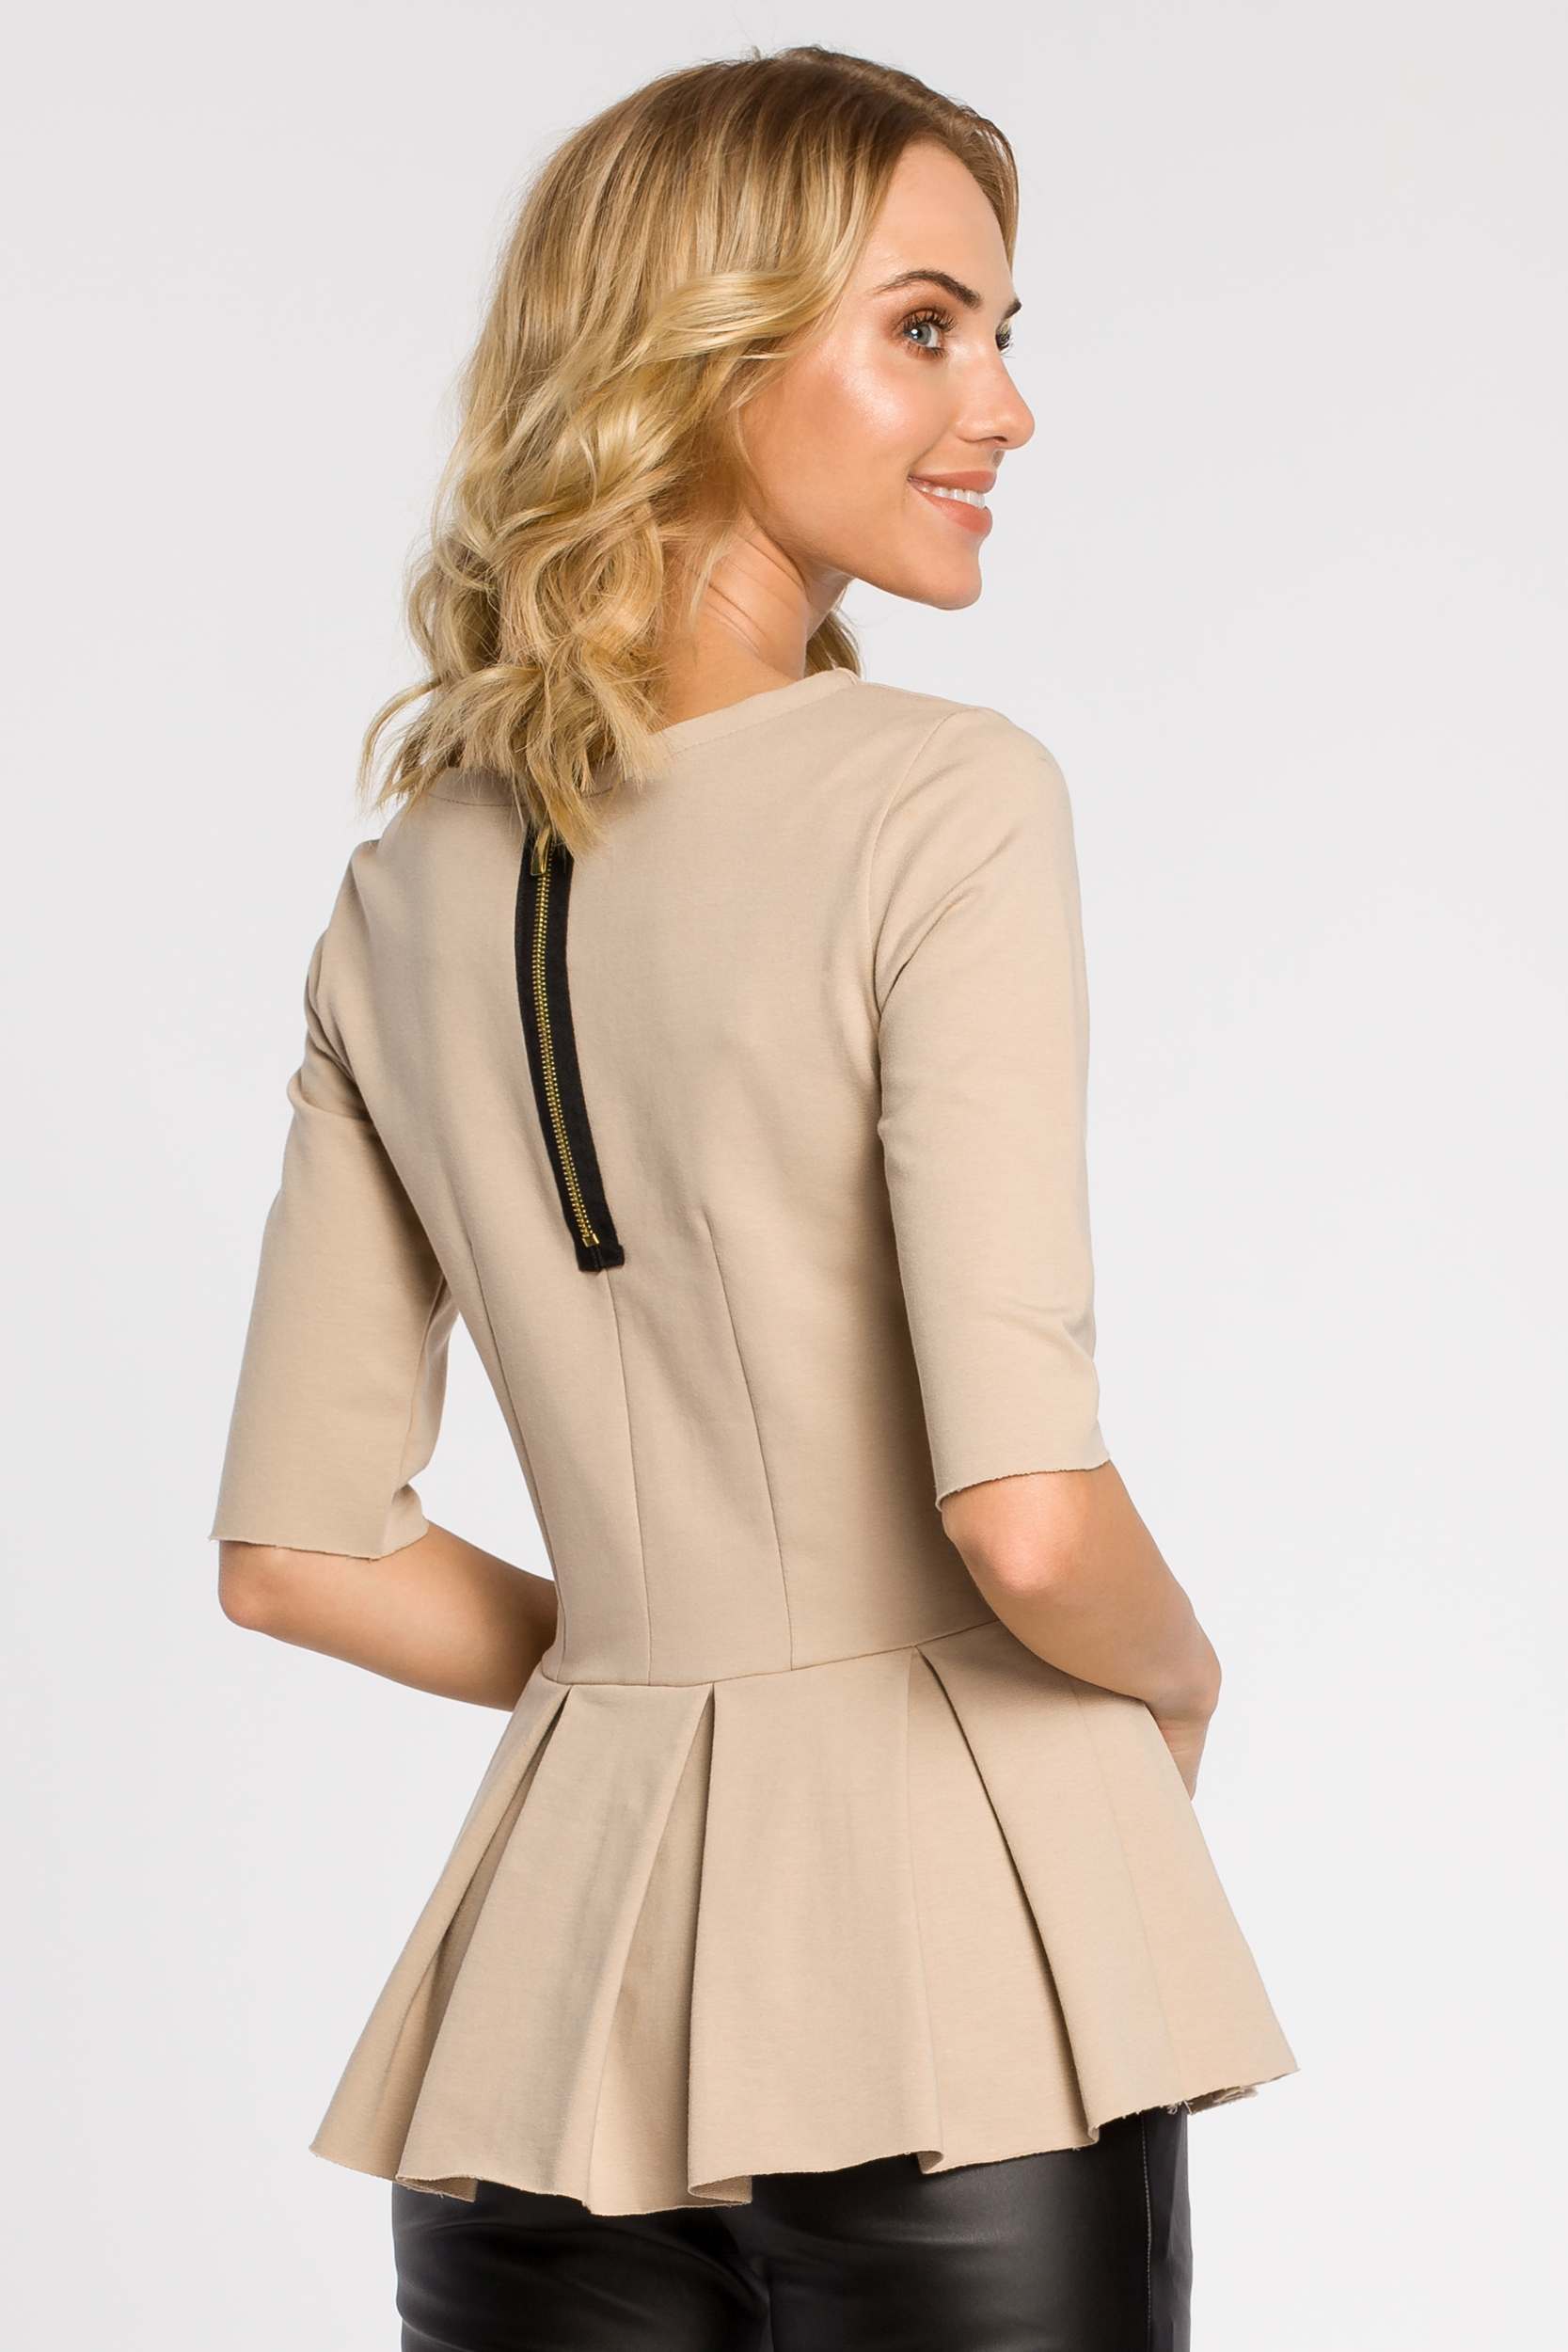 CM1090 Dopasowana bluzka damska z plisowaną baskinką - beżowa